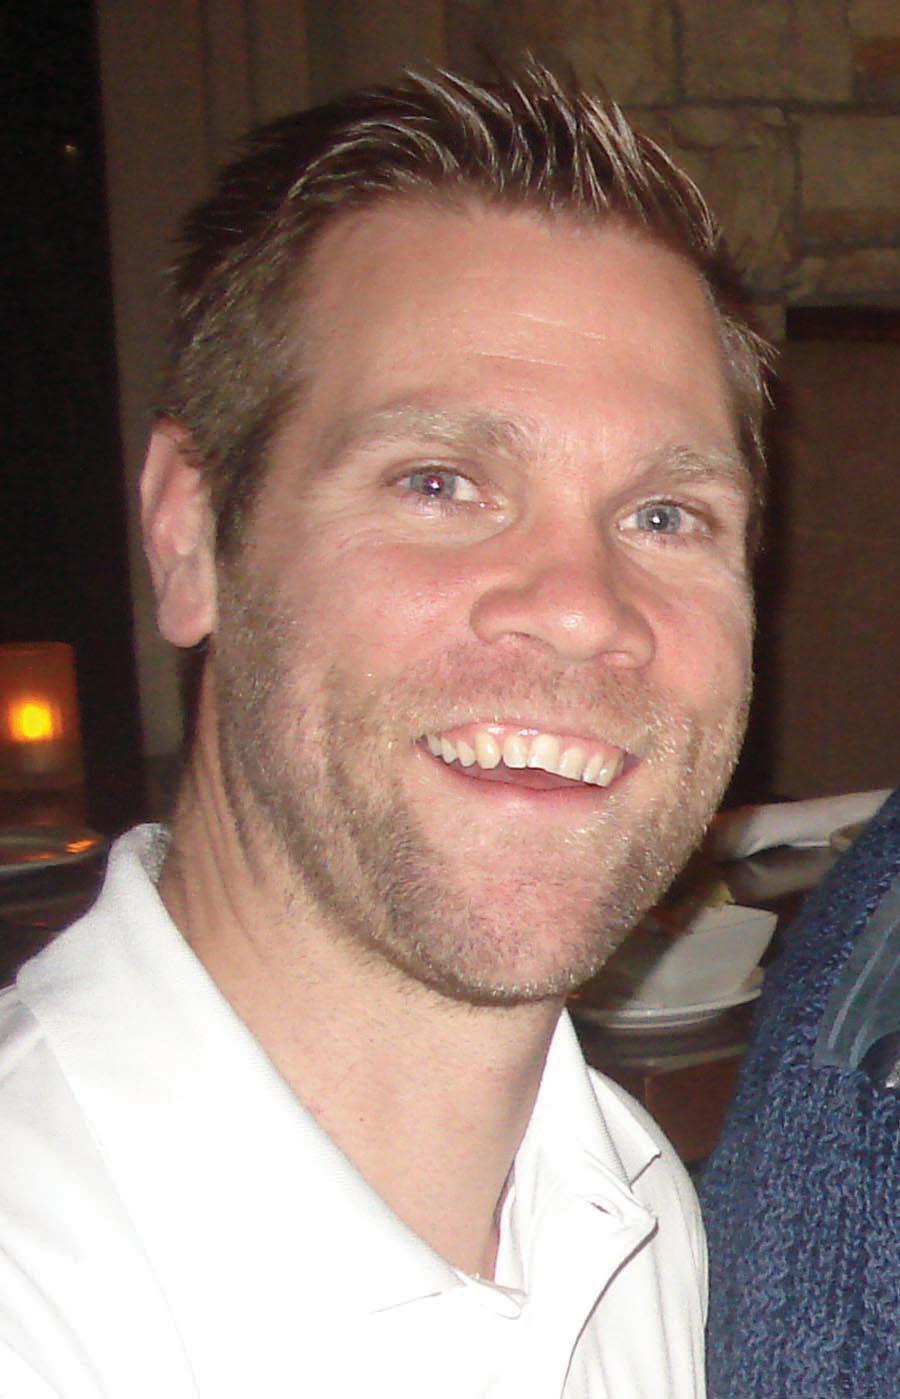 Curtis Bennett